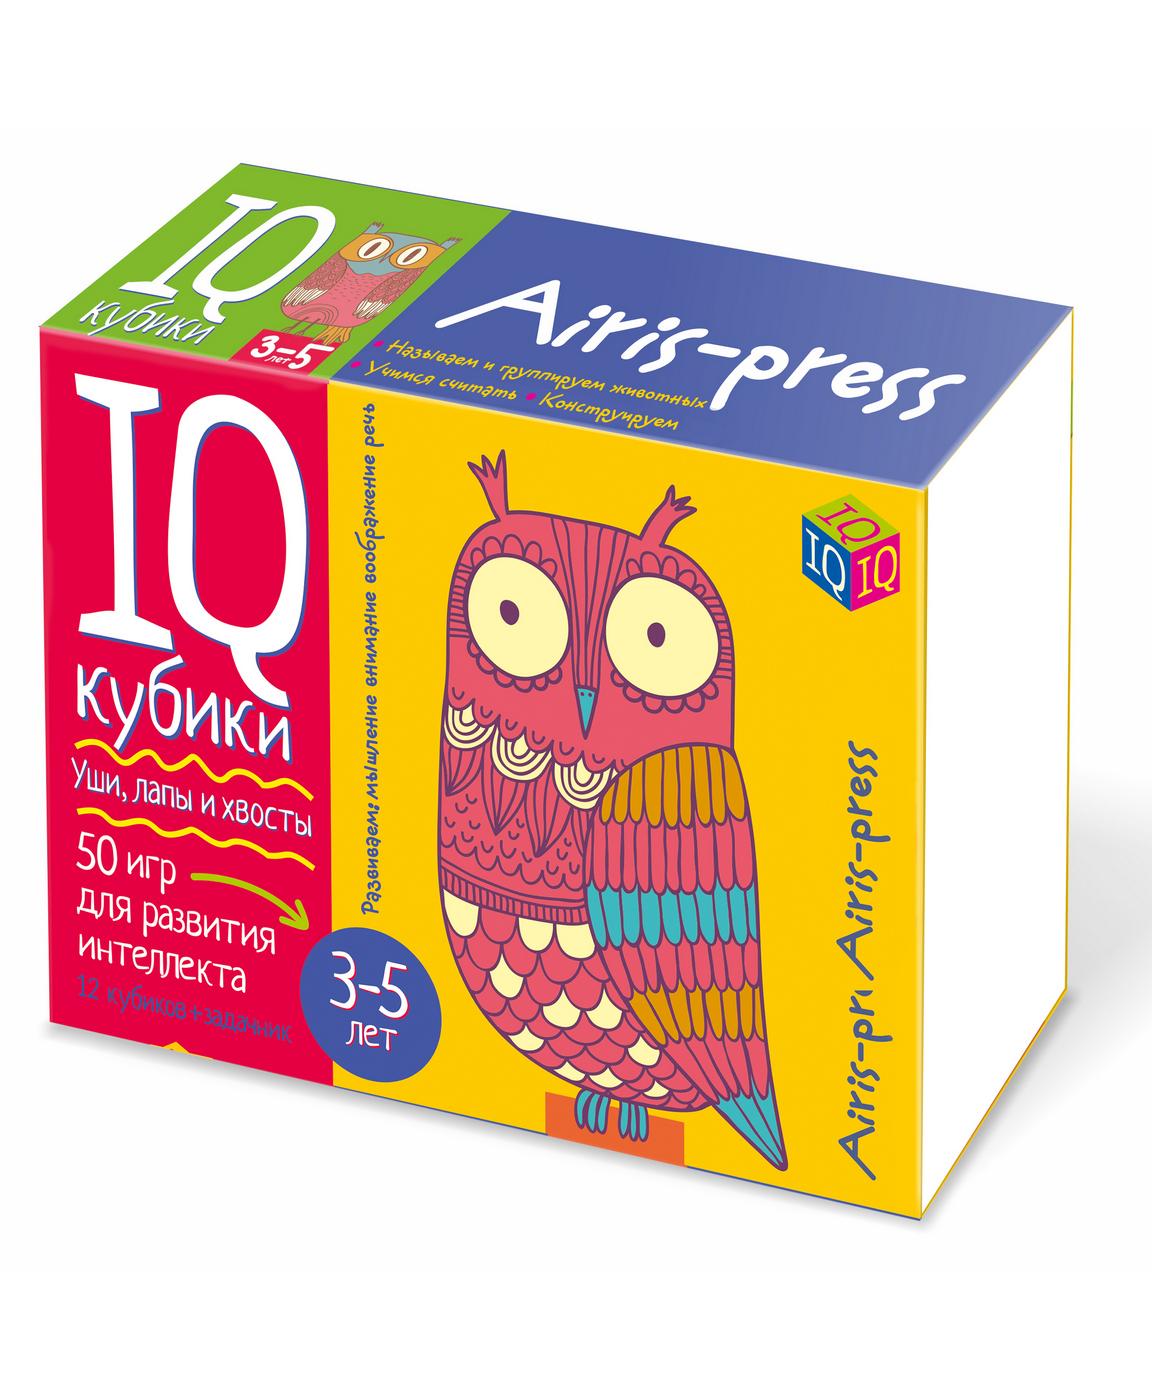 [b]Сбор заказов. Чудесная серия развивающих пособий IQ-Малыш от Айрис-Пресс. Сбор 1[/b]